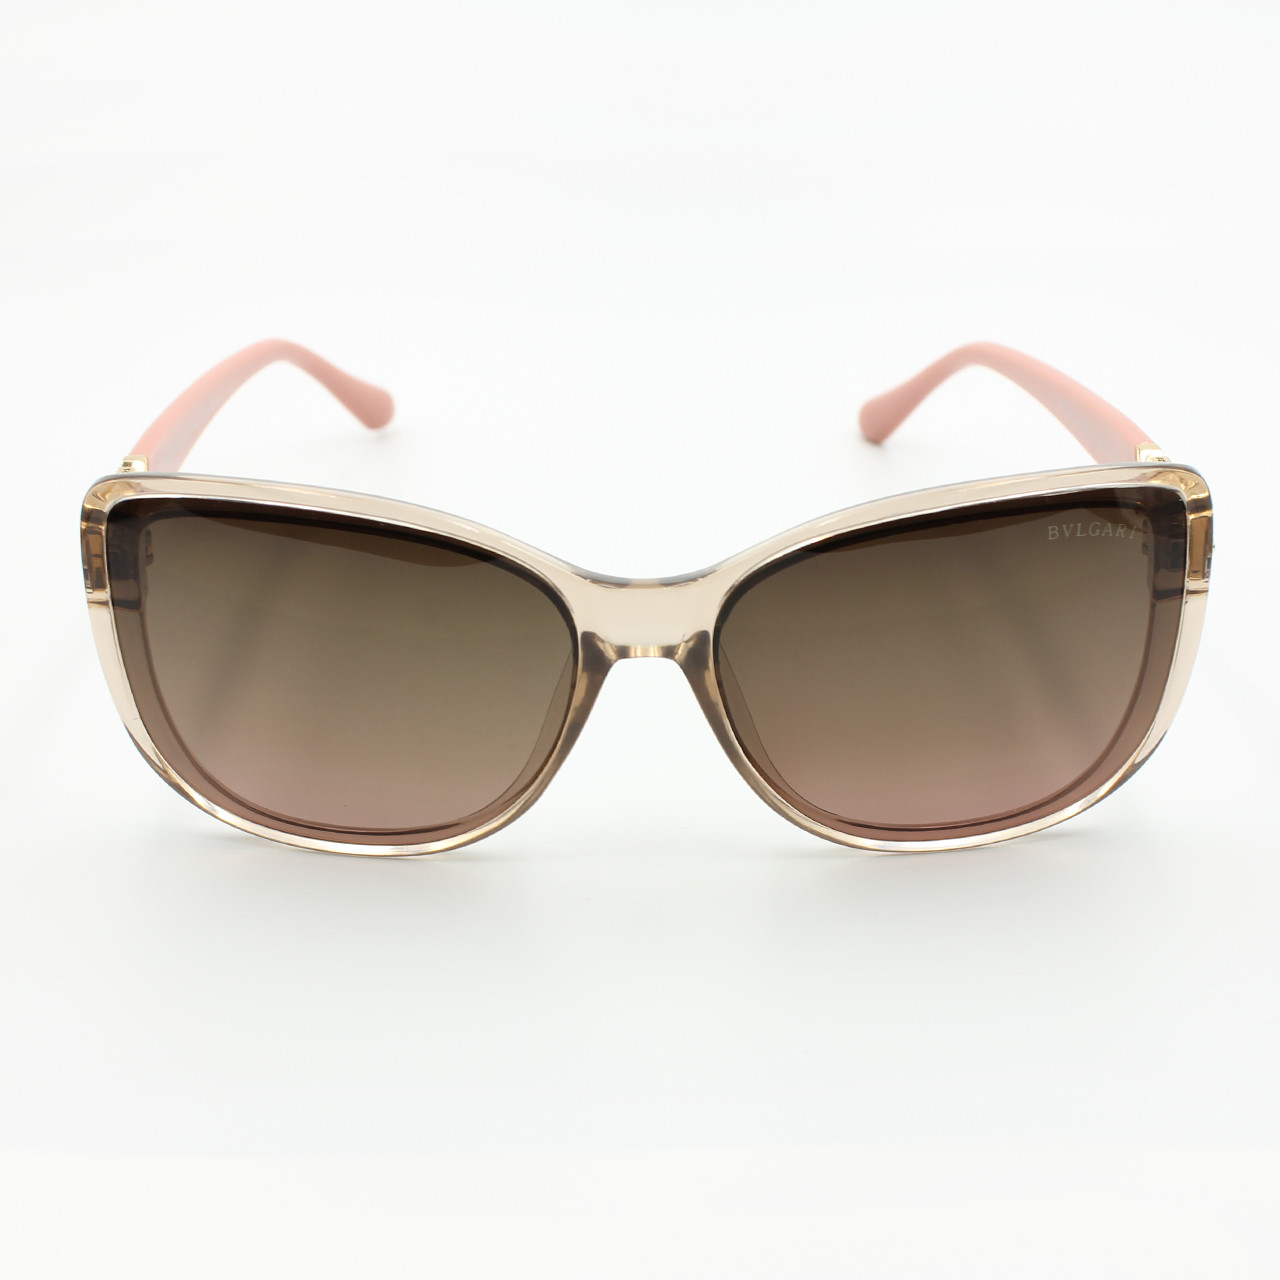 Стильные очки с поляризацией cолнцезащитные коричневые